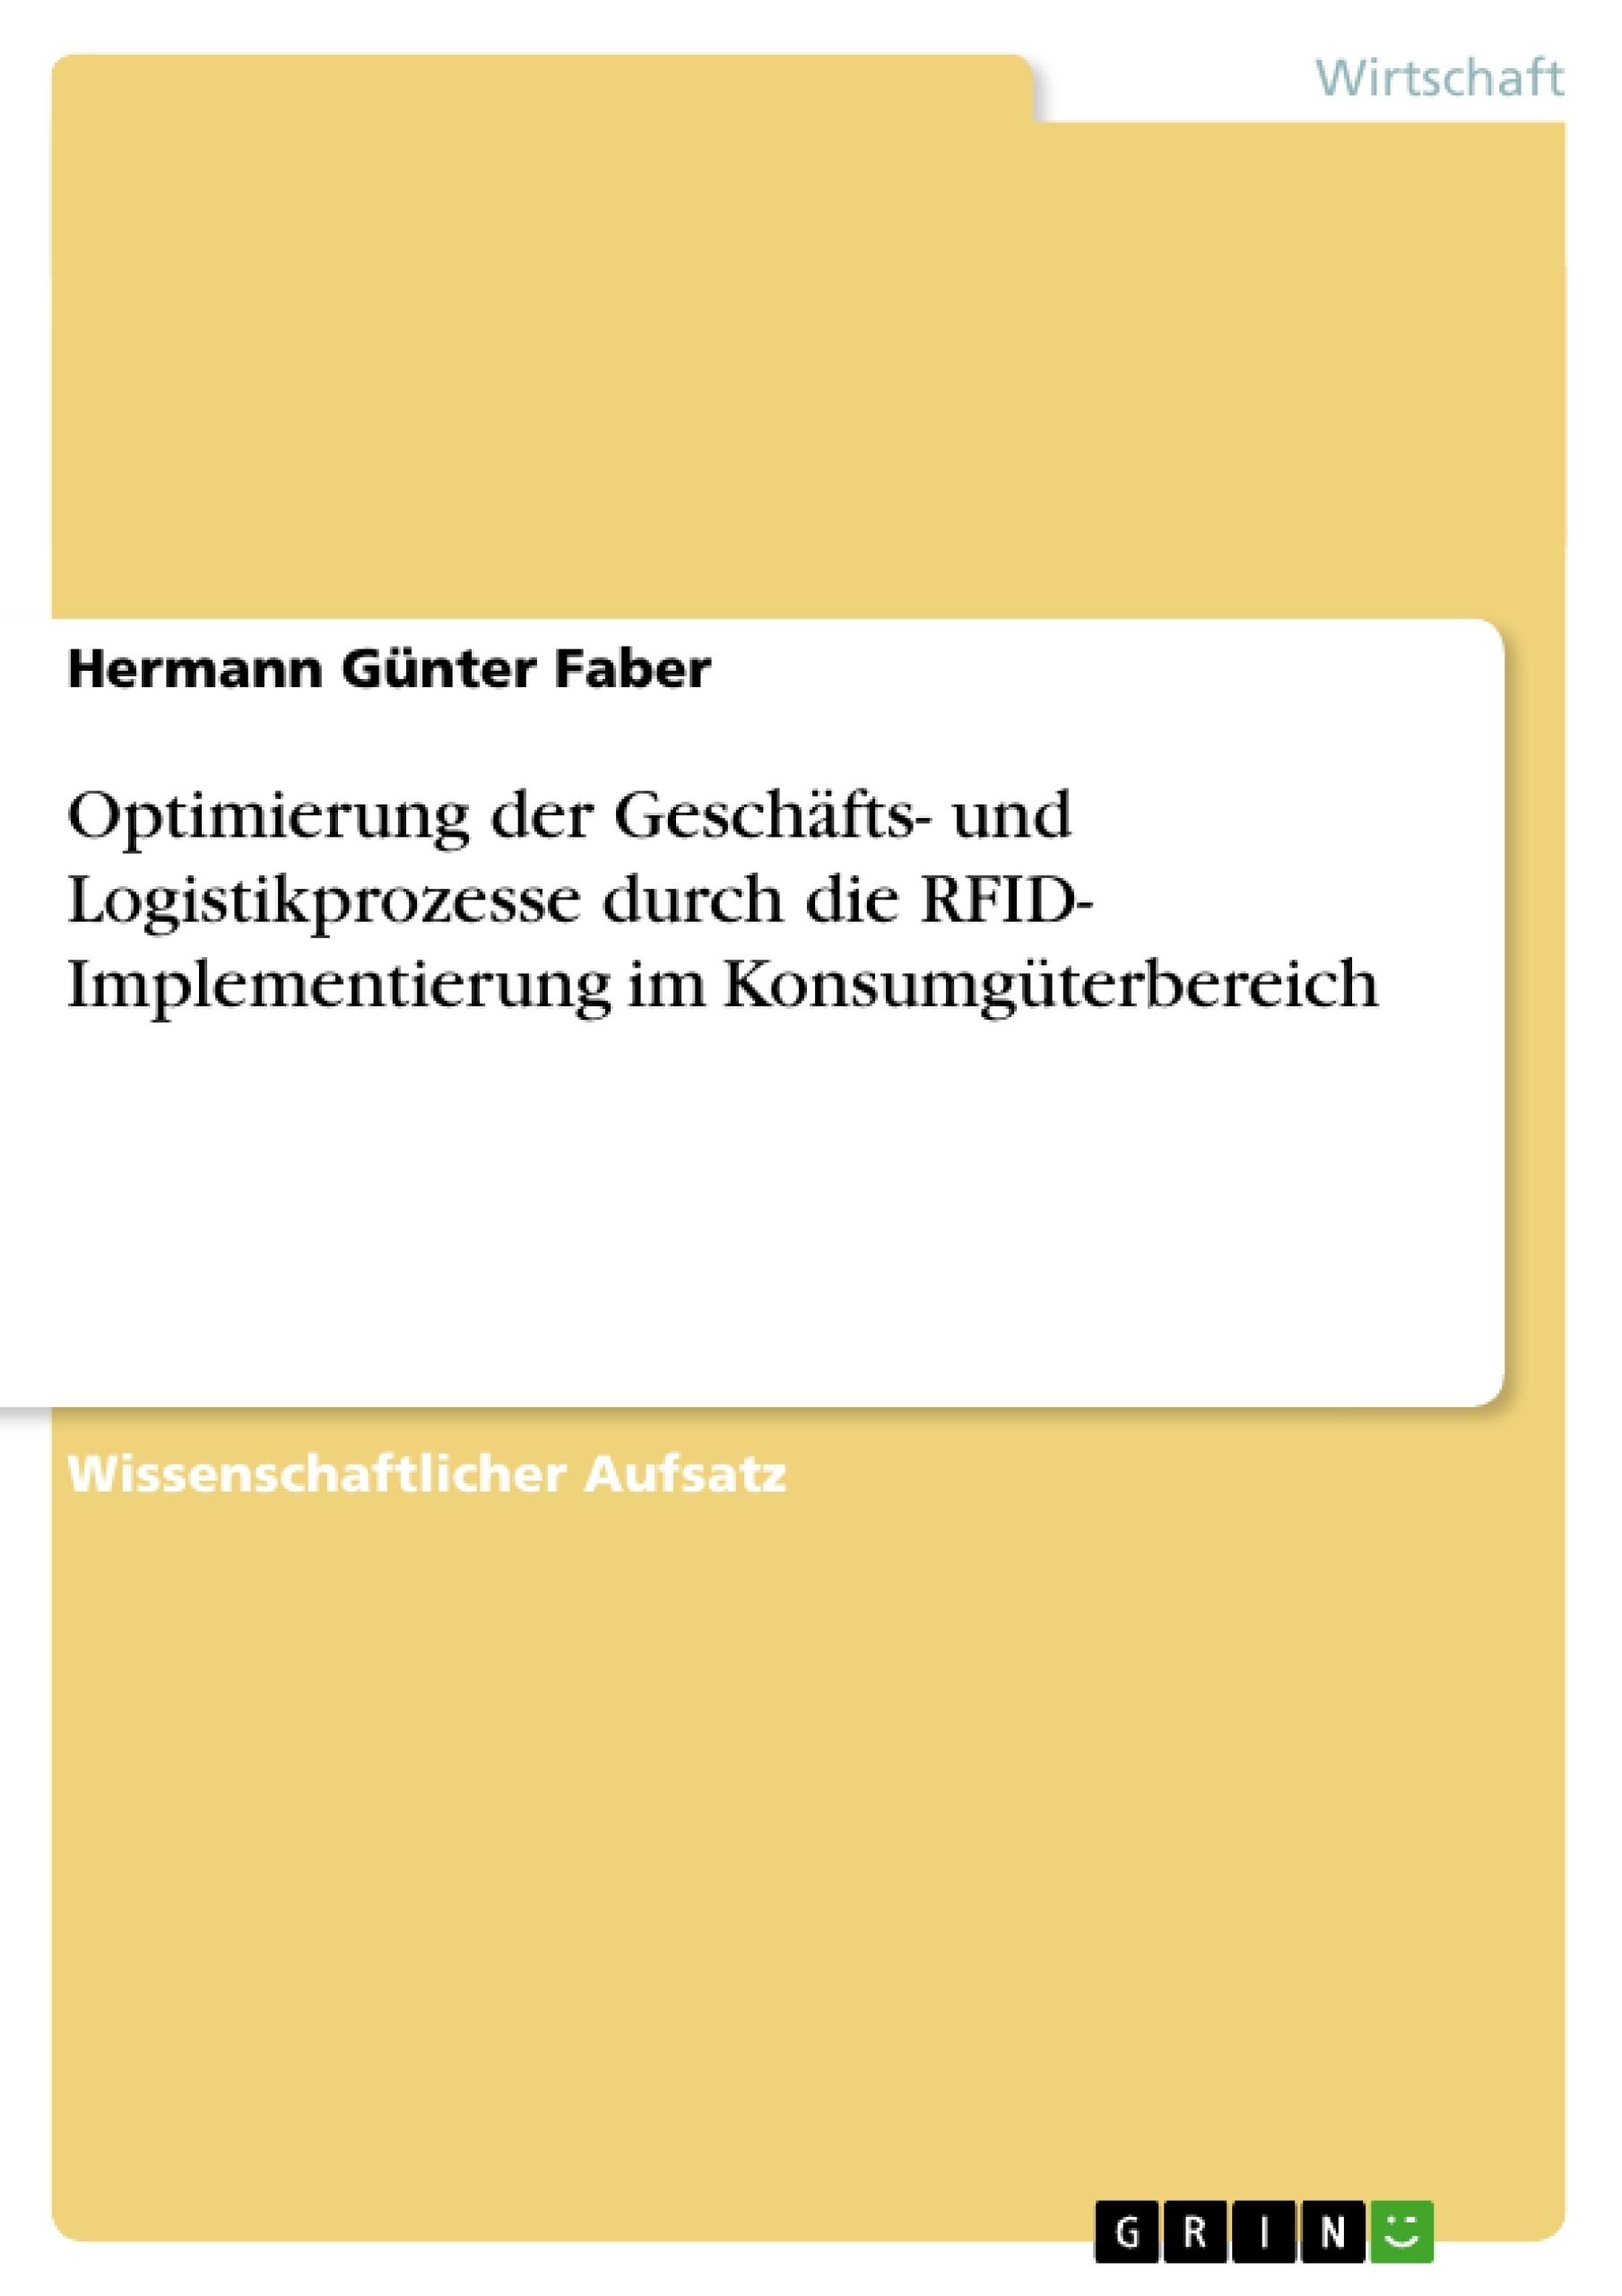 Titel: Optimierung der Geschäfts- und Logistikprozesse durch die RFID- Implementierung im Konsumgüterbereich